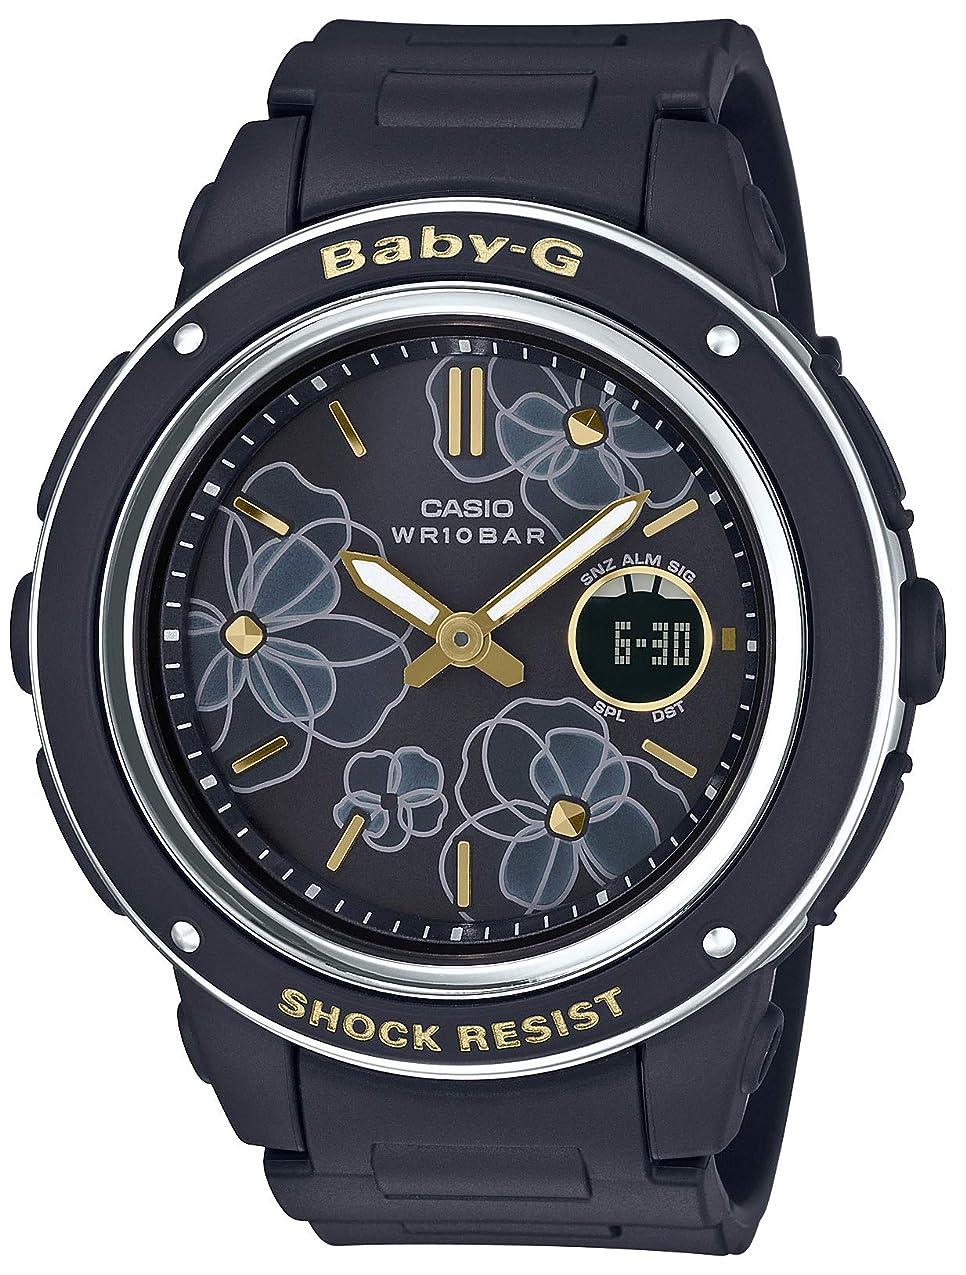 子孫ストライプ確かめる[カシオ] 腕時計 ベビージー Floral Dial Series BGA-150FL-1AJF レディース ブラック